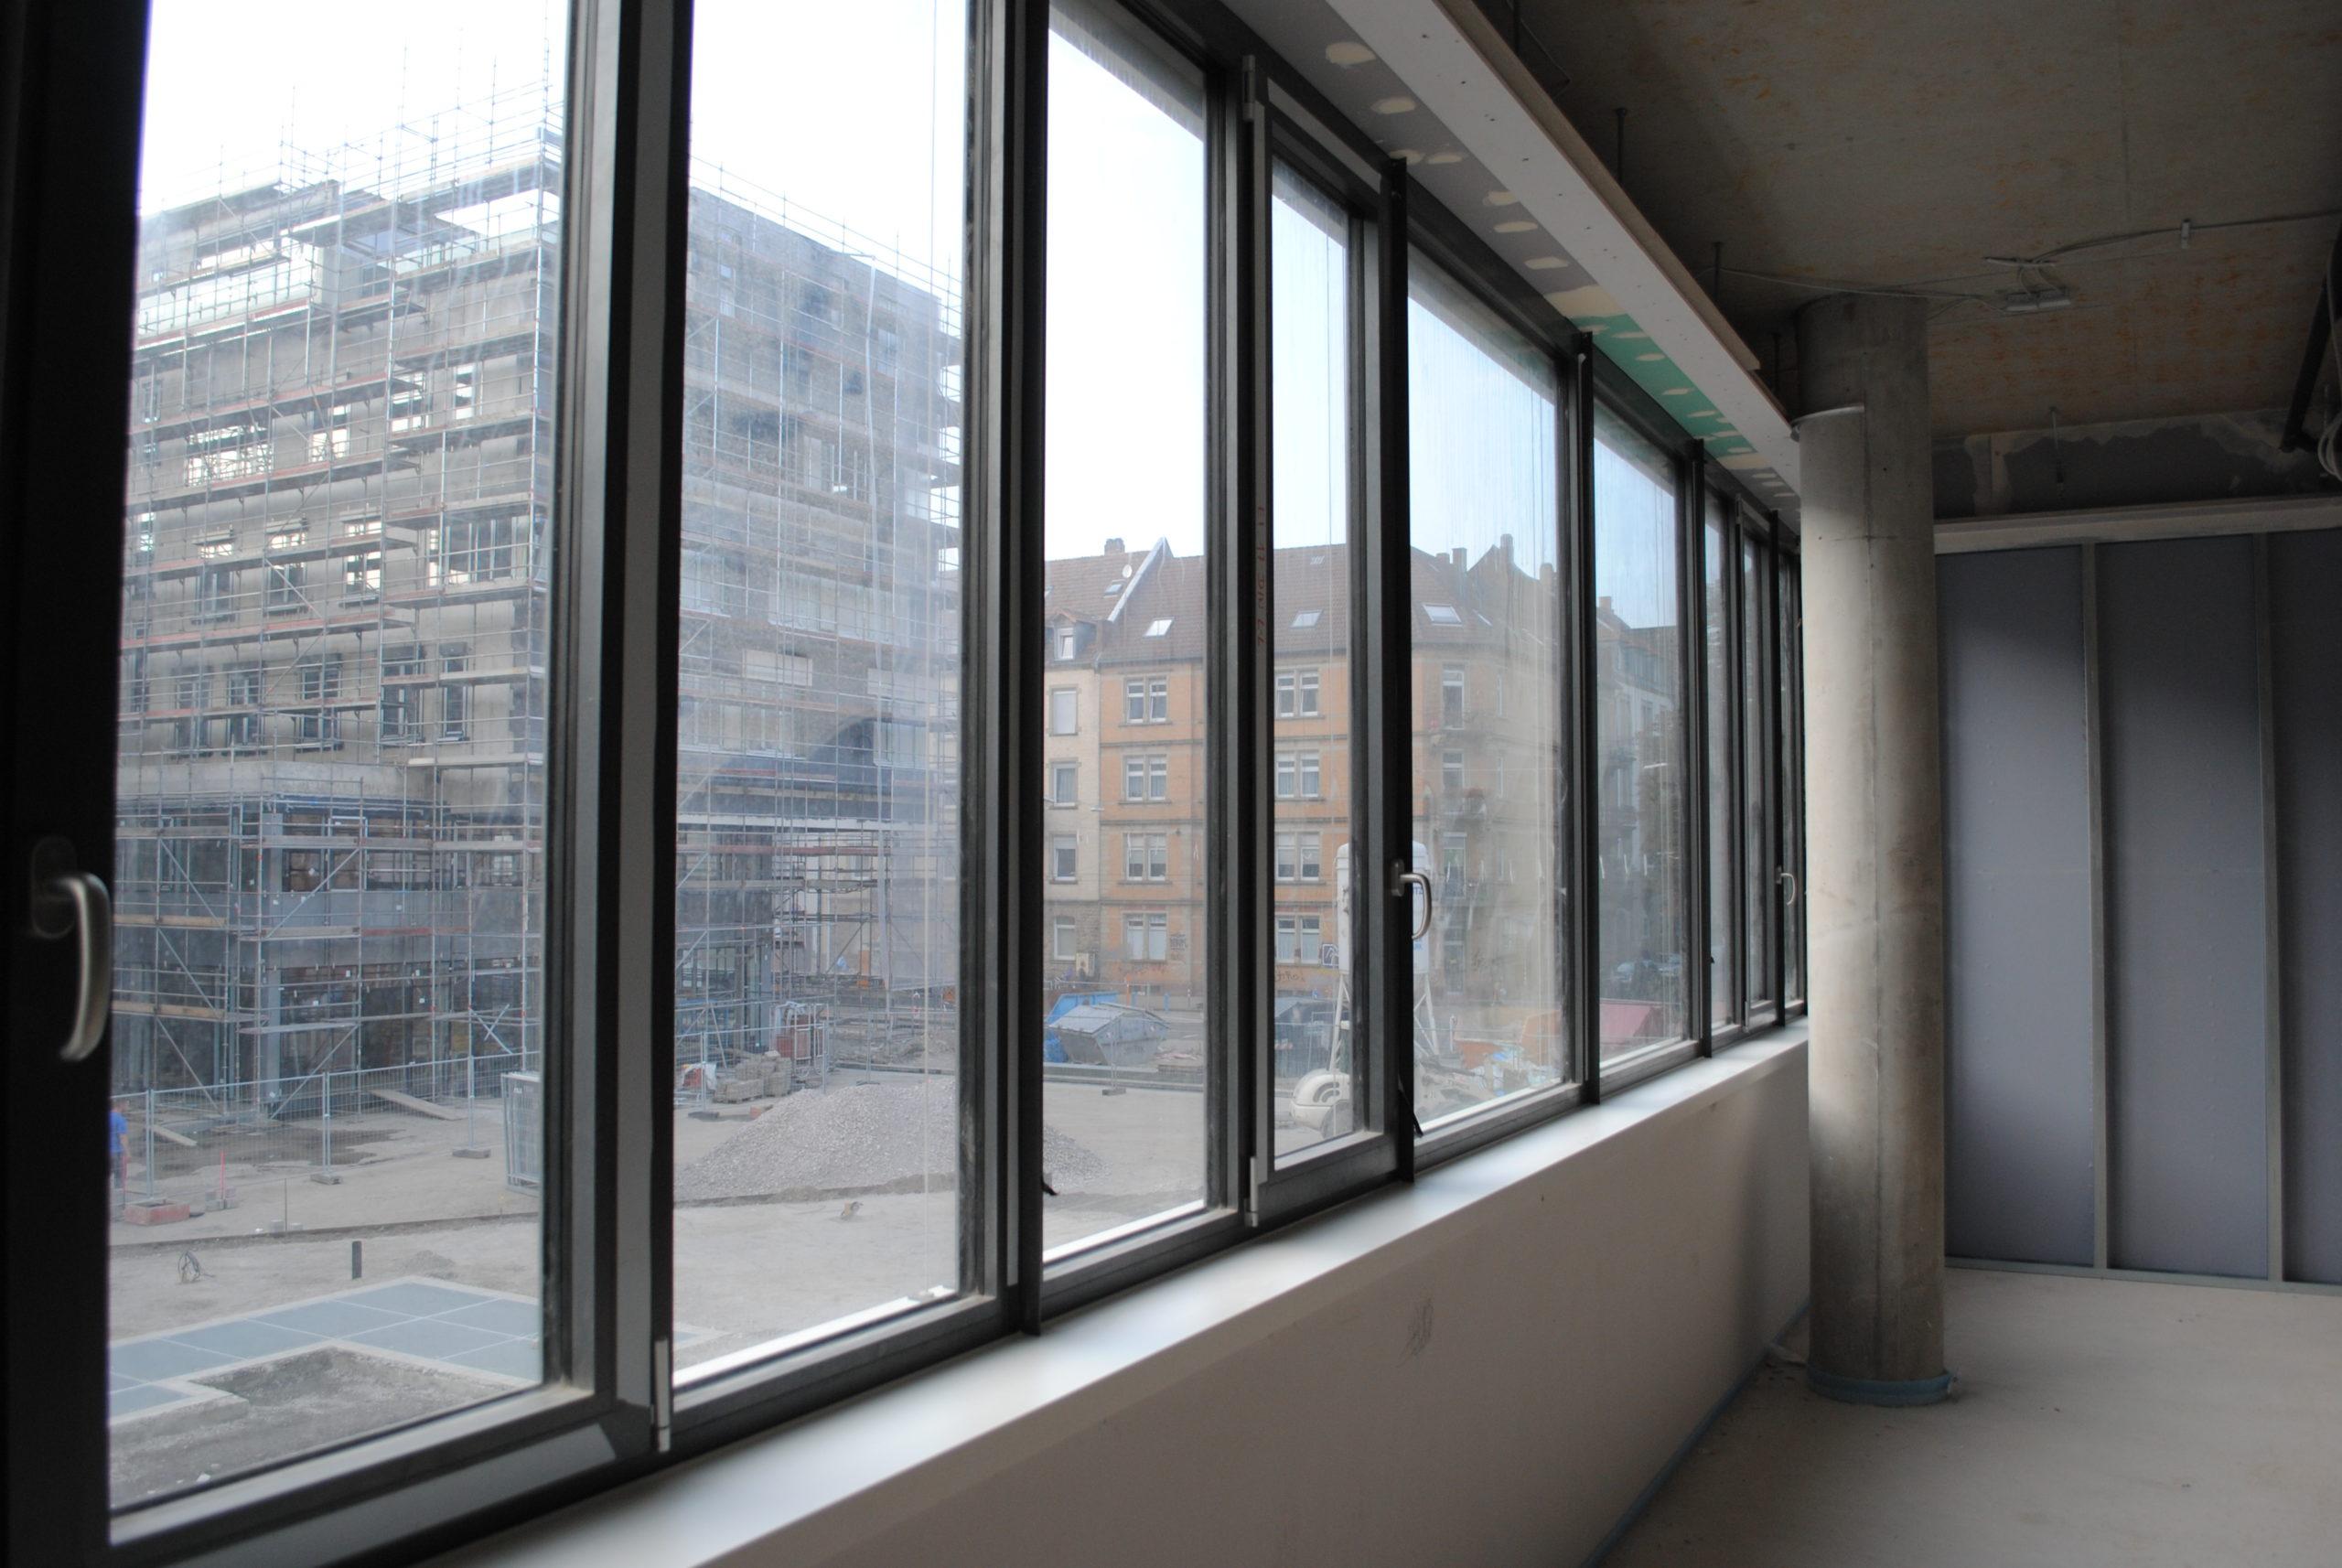 Das Synus-Gebäude im Bau - Ausblick